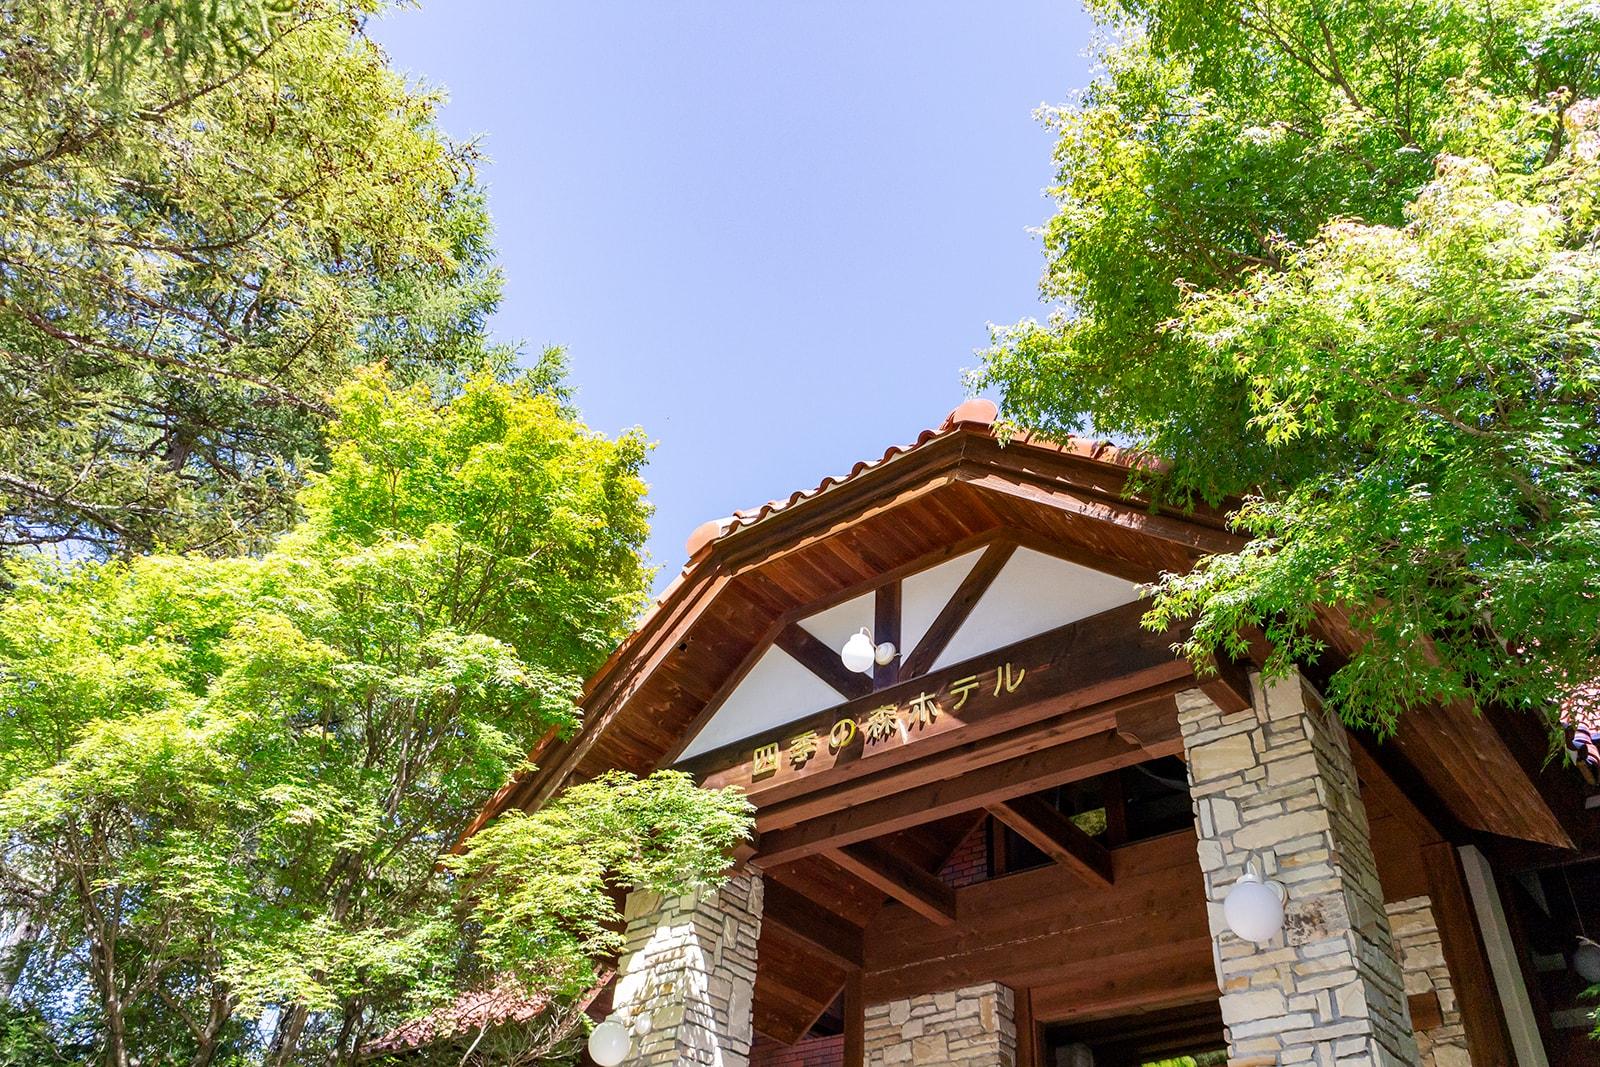 四季の森ホテル:大自然に囲まれた優雅なリゾートホテル